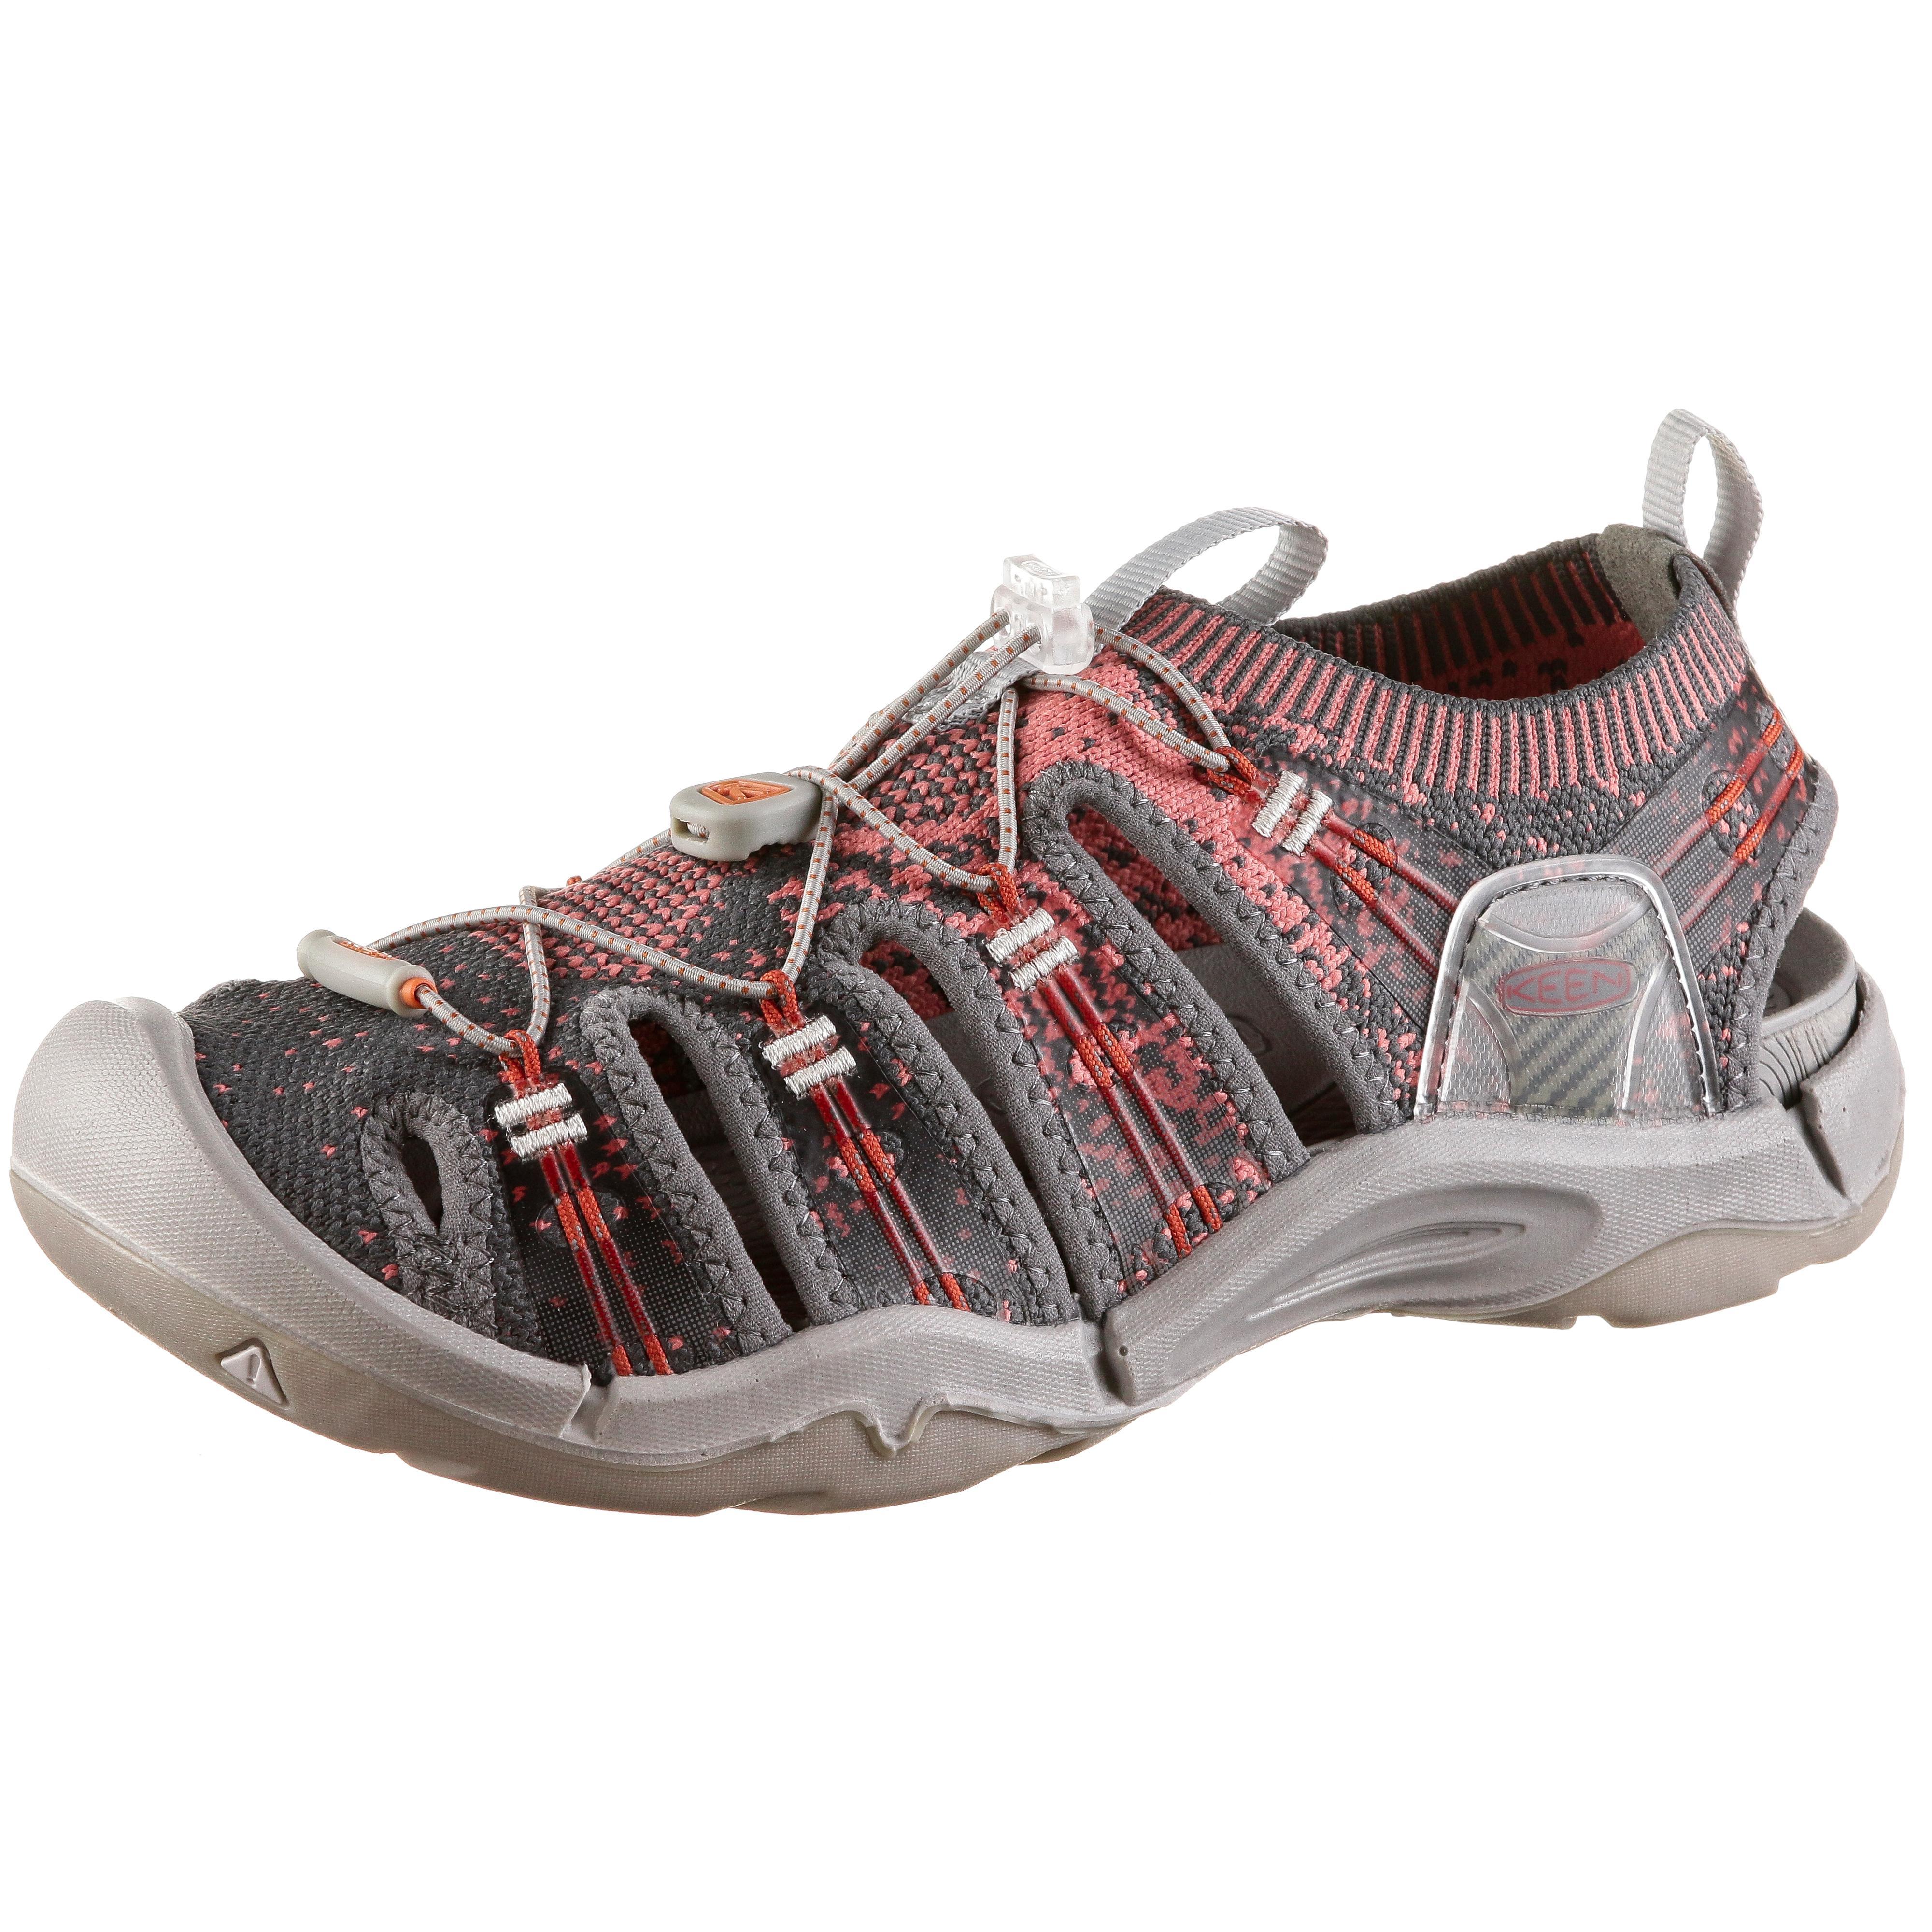 Günstig Über Online atShop24 Kaufen Shop24 Schuhe L3R5j4A